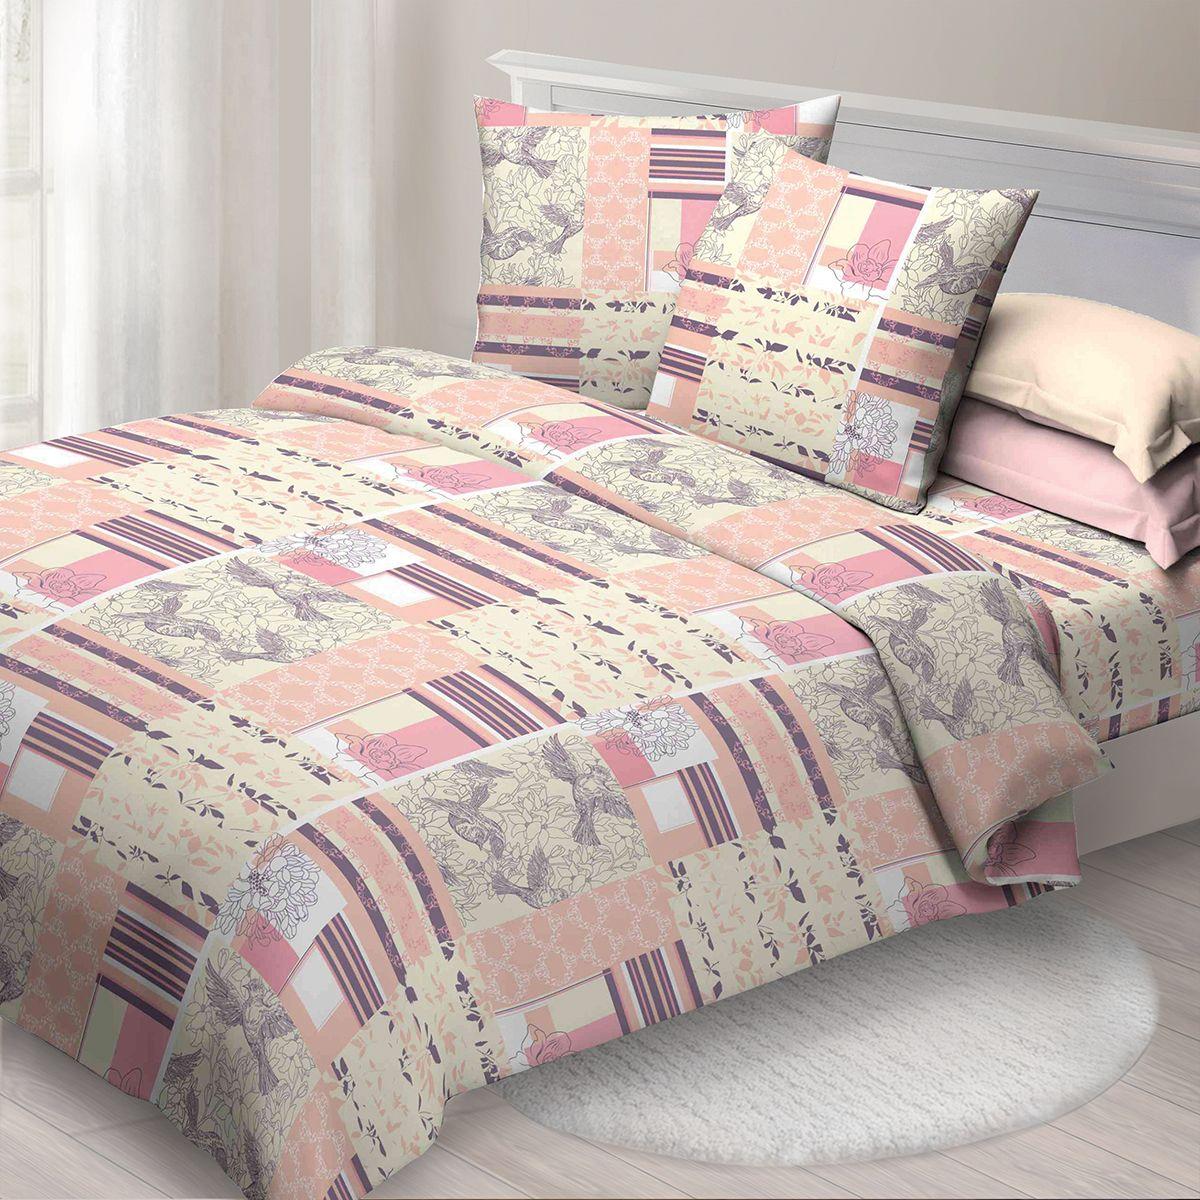 Комплект белья Спал Спалыч Люсиль, 1,5 спальное, наволочки 70x70, цвет: персиковый. 4081-182432